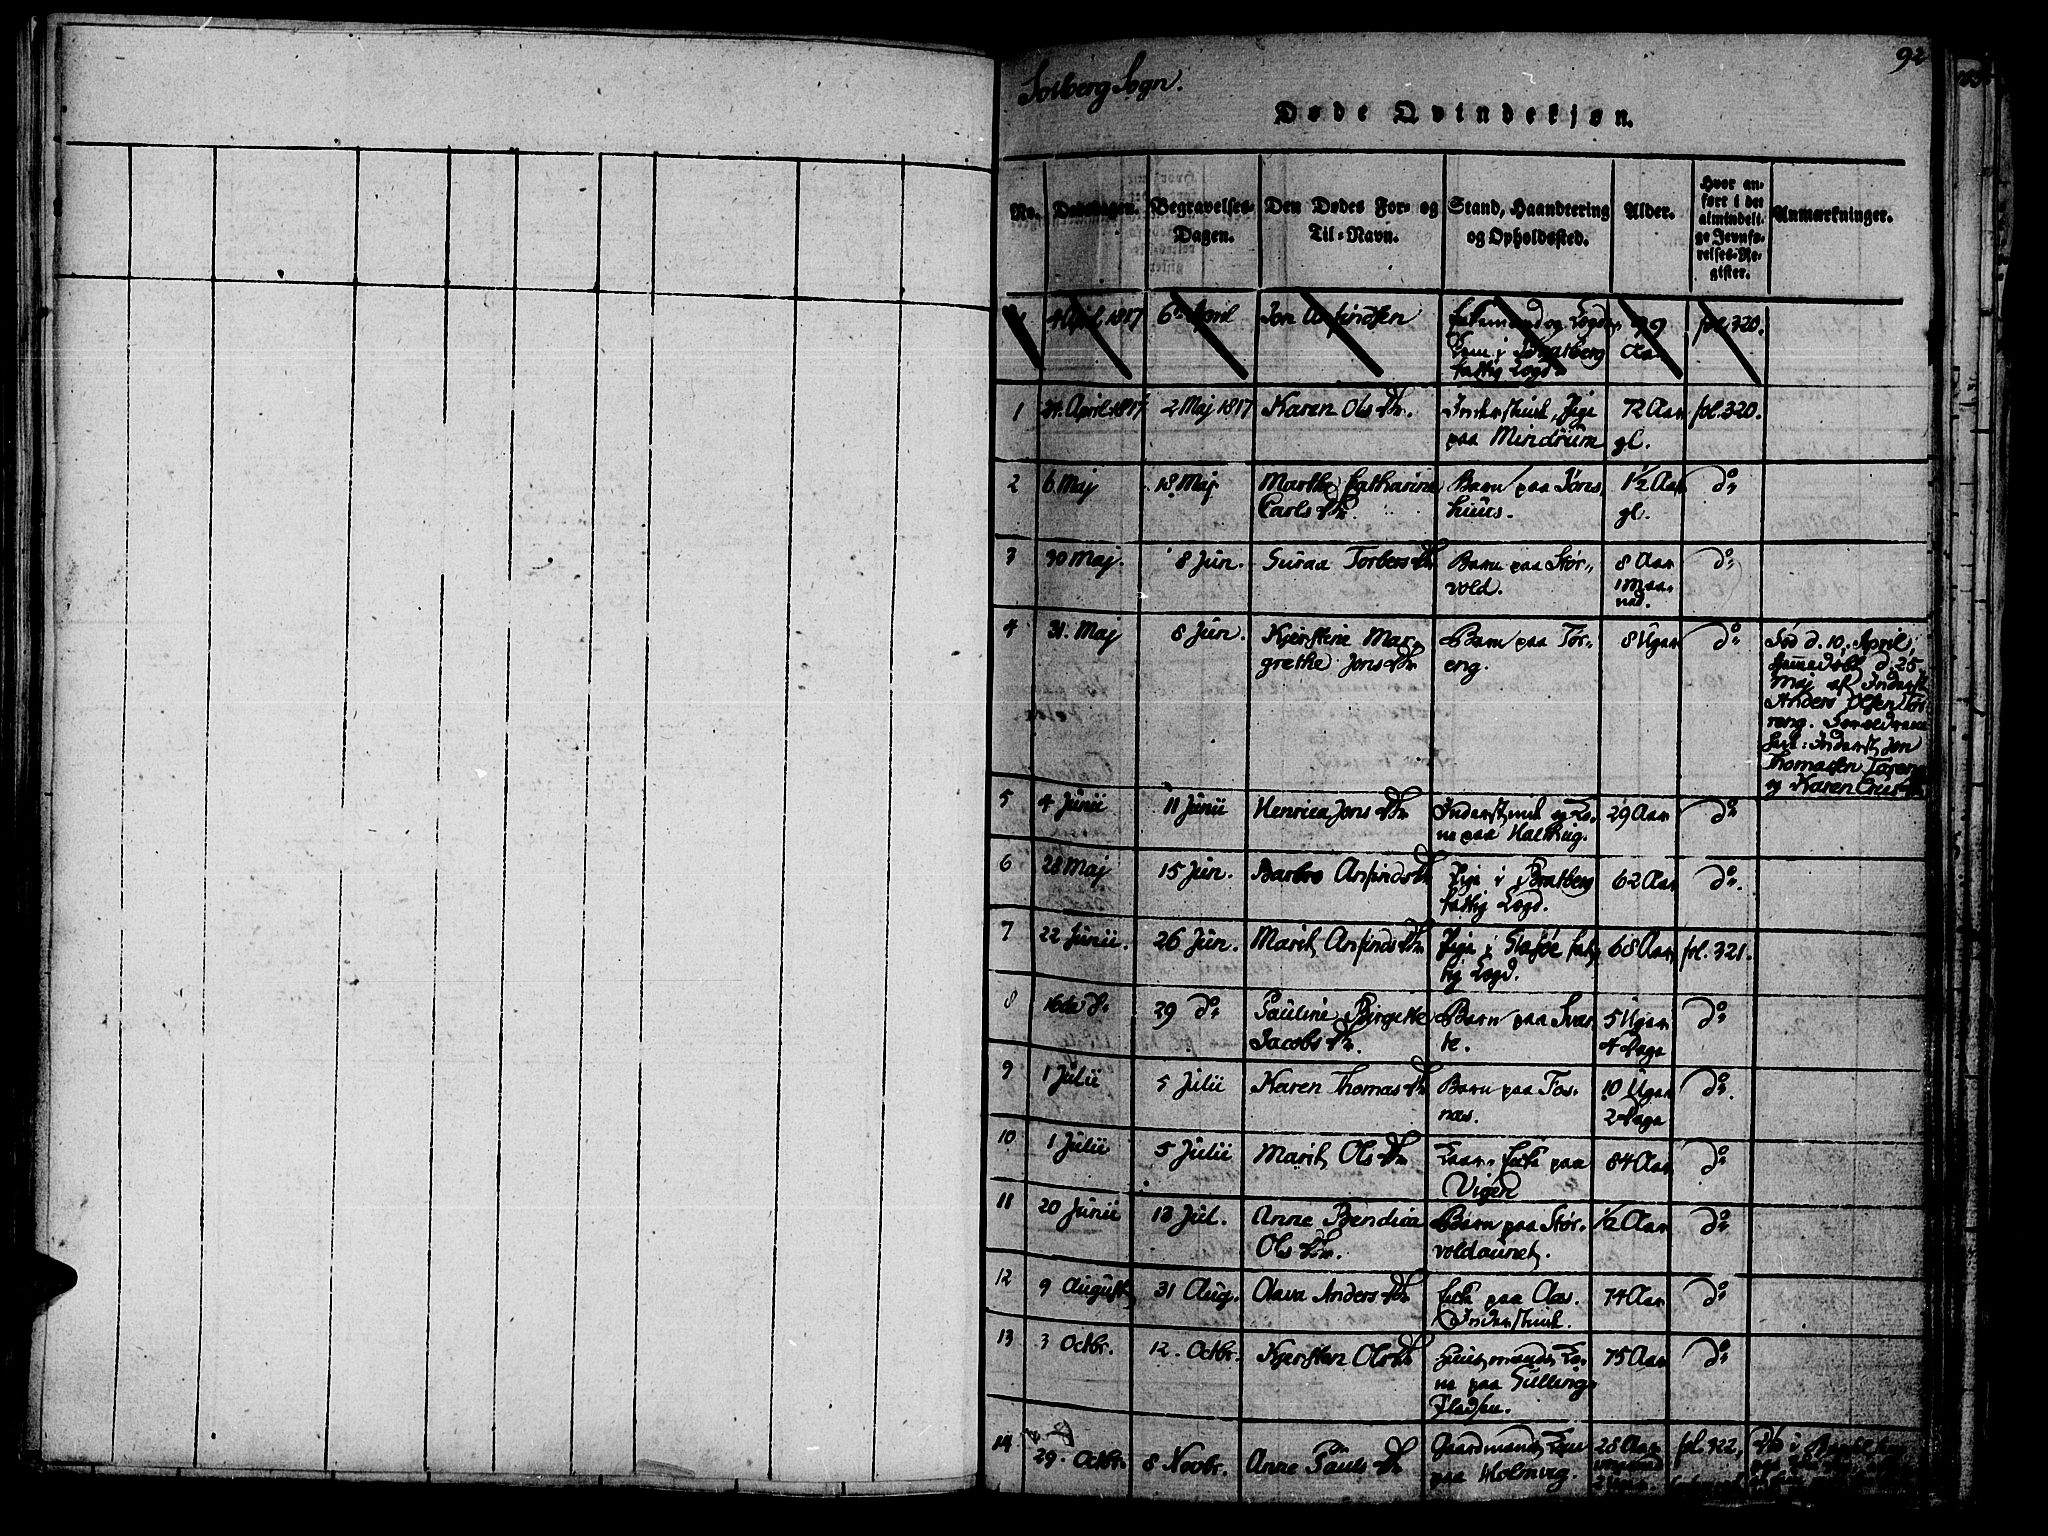 SAT, Ministerialprotokoller, klokkerbøker og fødselsregistre - Nord-Trøndelag, 741/L0387: Ministerialbok nr. 741A03 /1, 1817-1822, s. 92